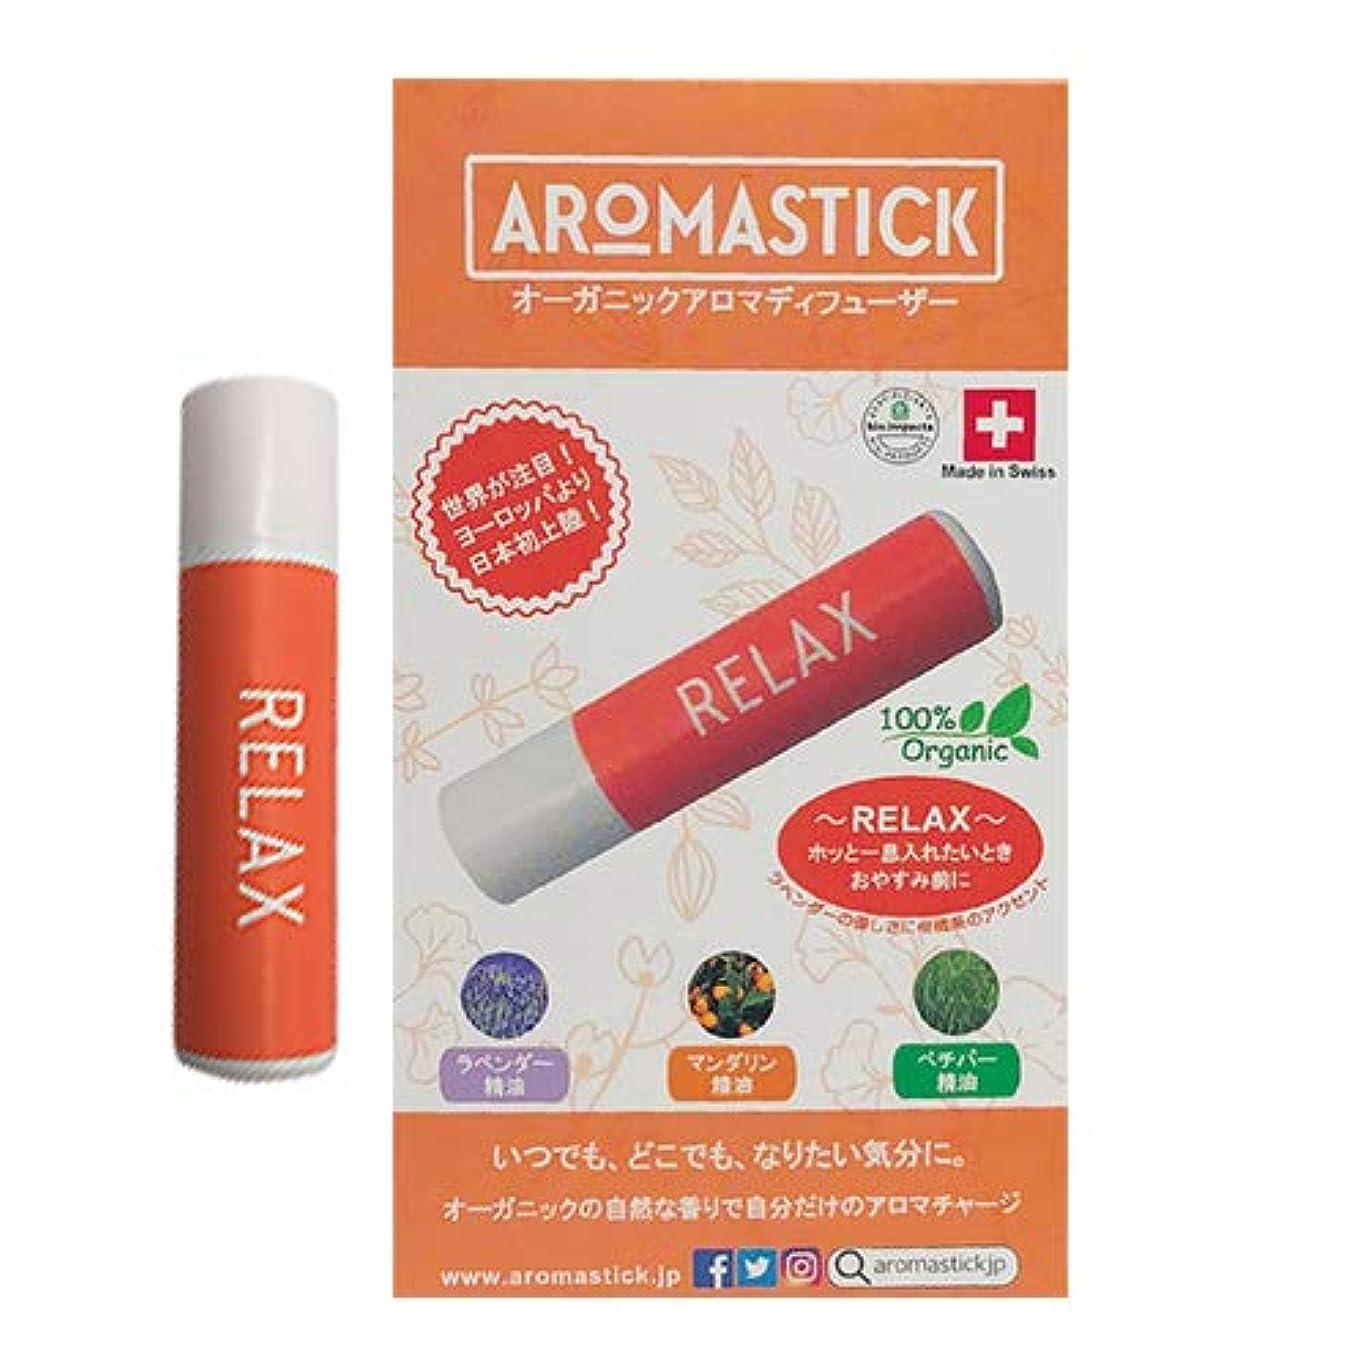 セラートレード干し草オーガニックアロマディフューザー アロマスティック(aromastick) リラックス [RELAX] ×3個セット